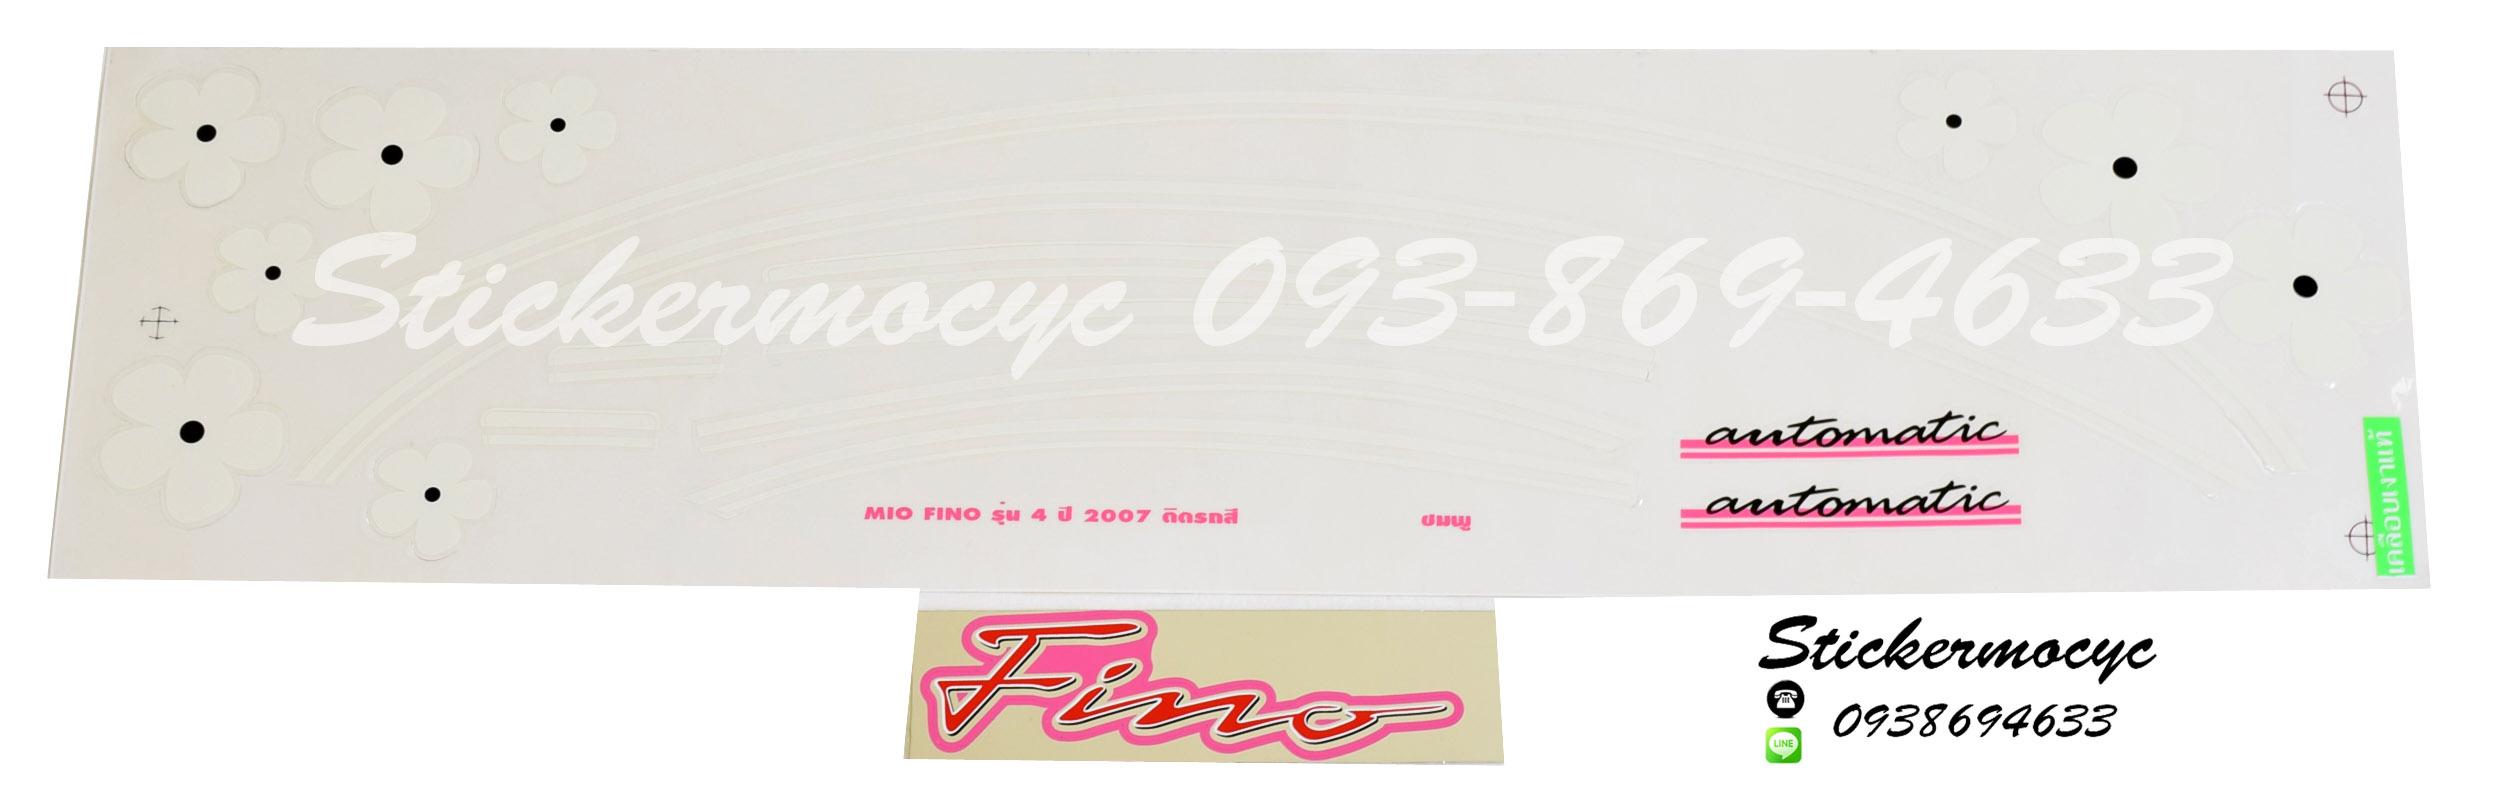 สติ๊กเกอร์ Yamaha Fino ปี 2007 รุ่น 4 ติดรถสี ชมพู (เคลือบเงา)